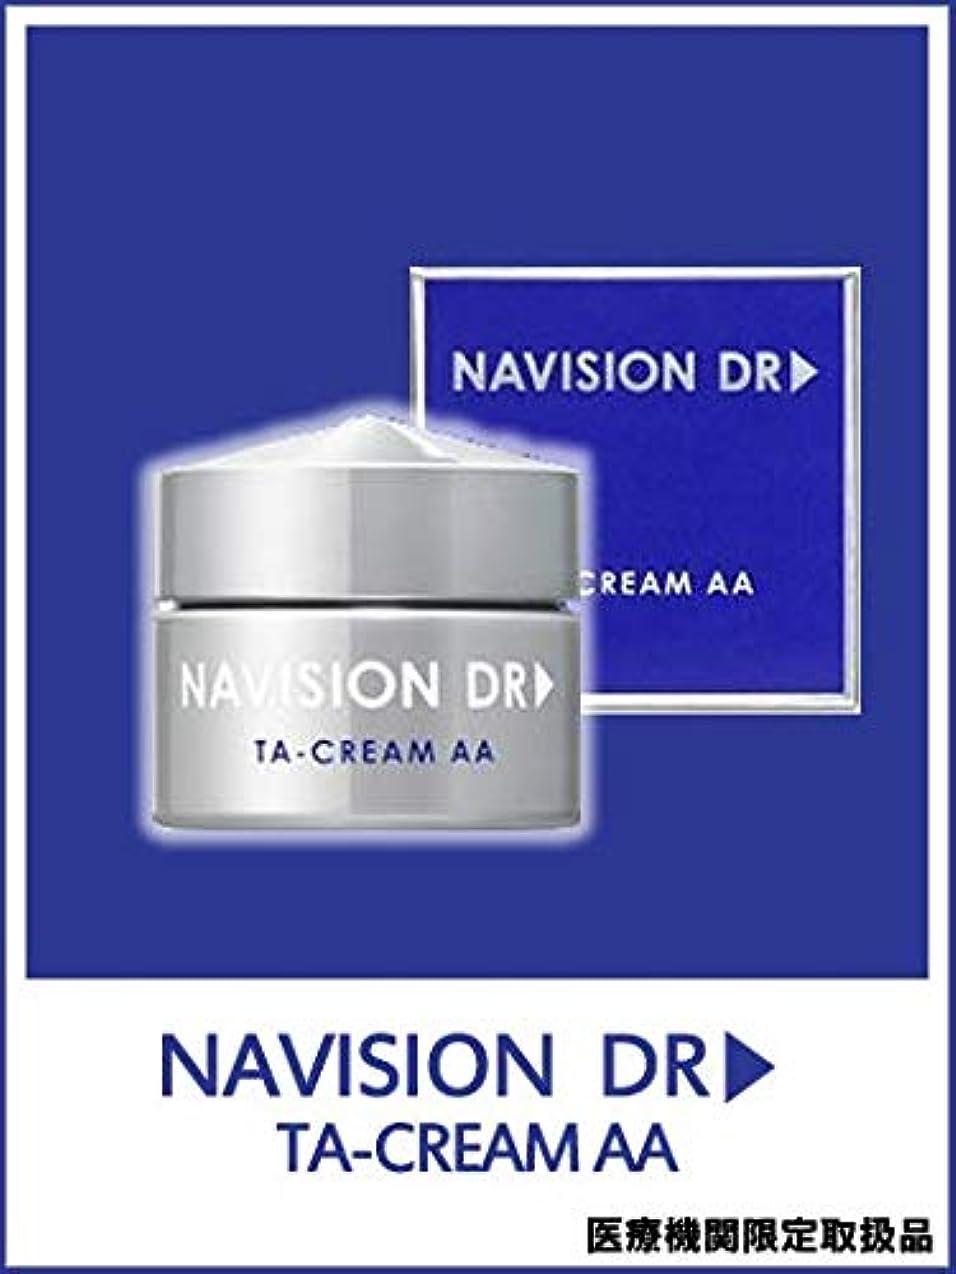 身元エスカレートプロフェッショナルNAVISION DR? ナビジョンDR TAクリームAAn(医薬部外品) 30g